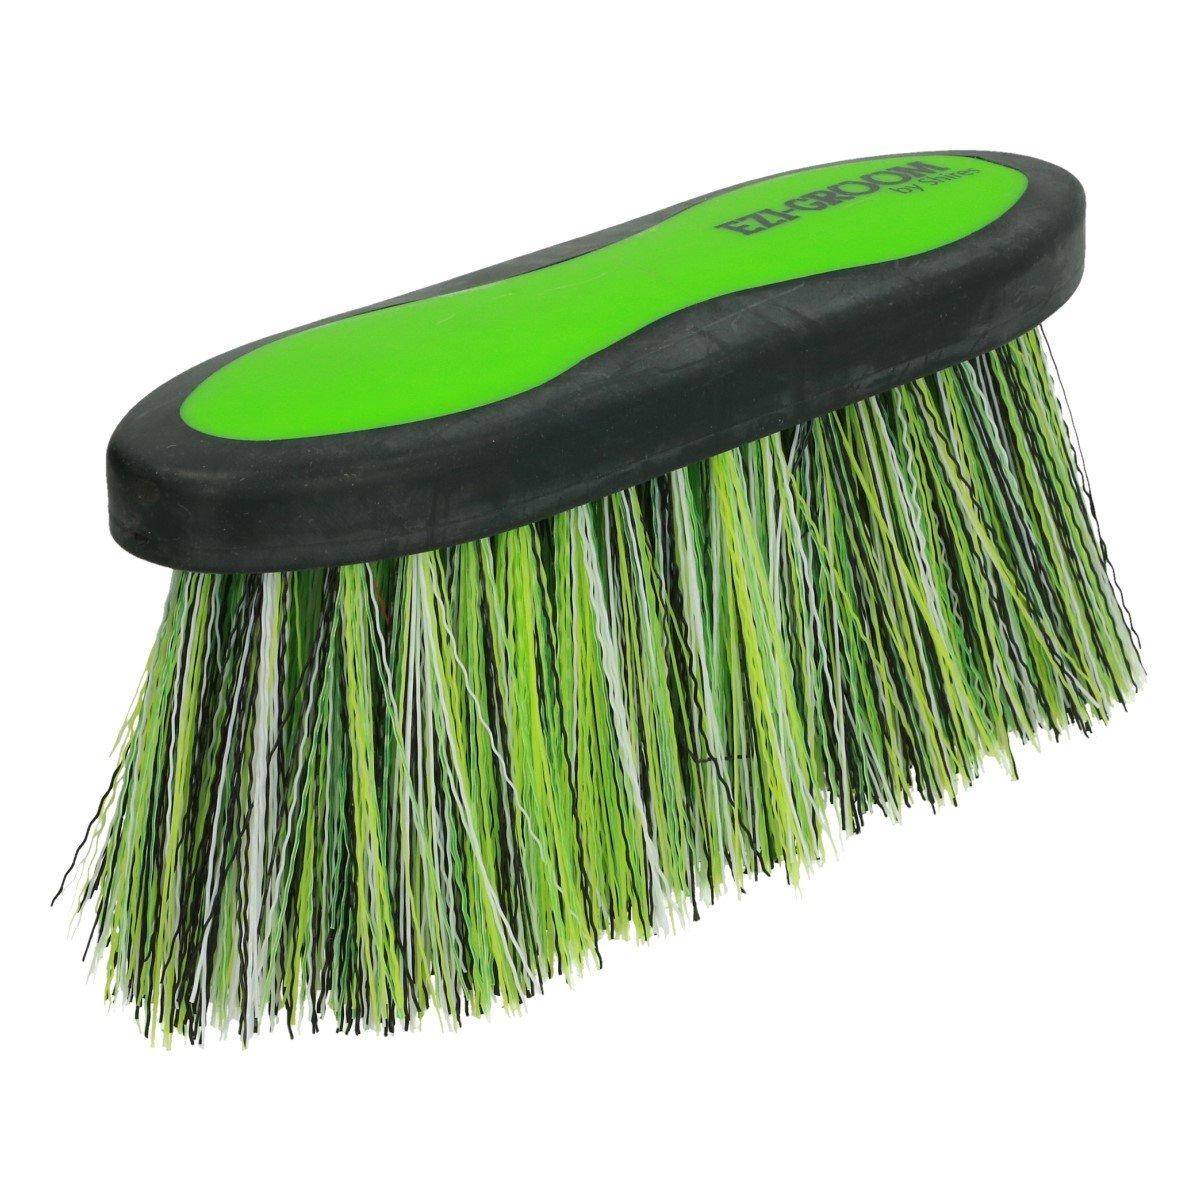 Imagem de Ezi Groom Dandy Brush Long Bristle Lime Green L